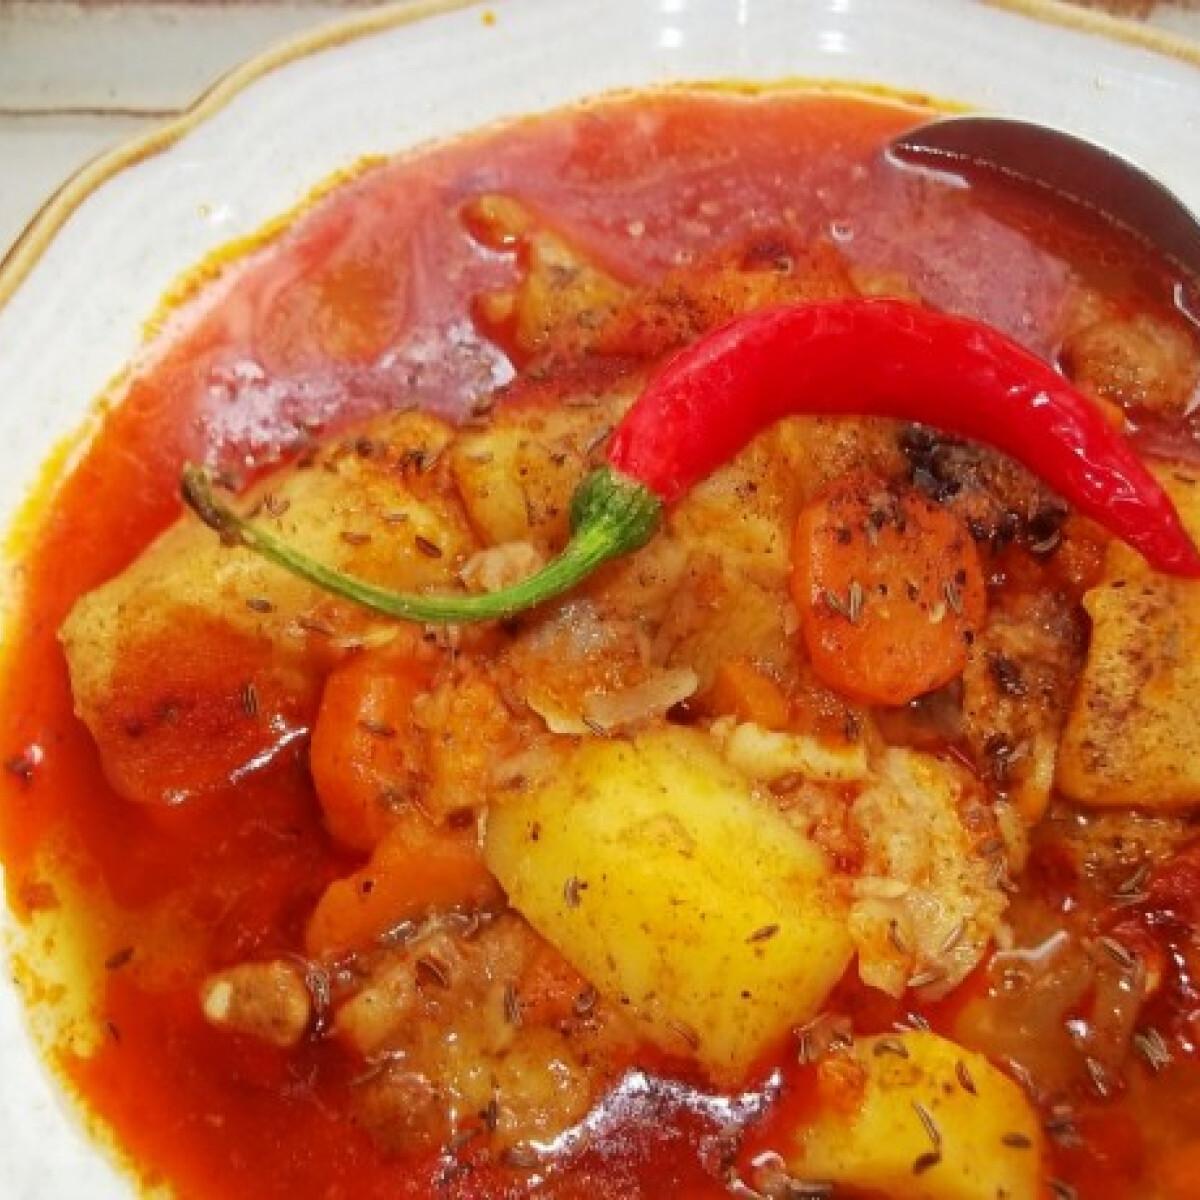 Ezen a képen: Vörösboros gulyásleves marhahúsból sok chilivel, tejfölösen